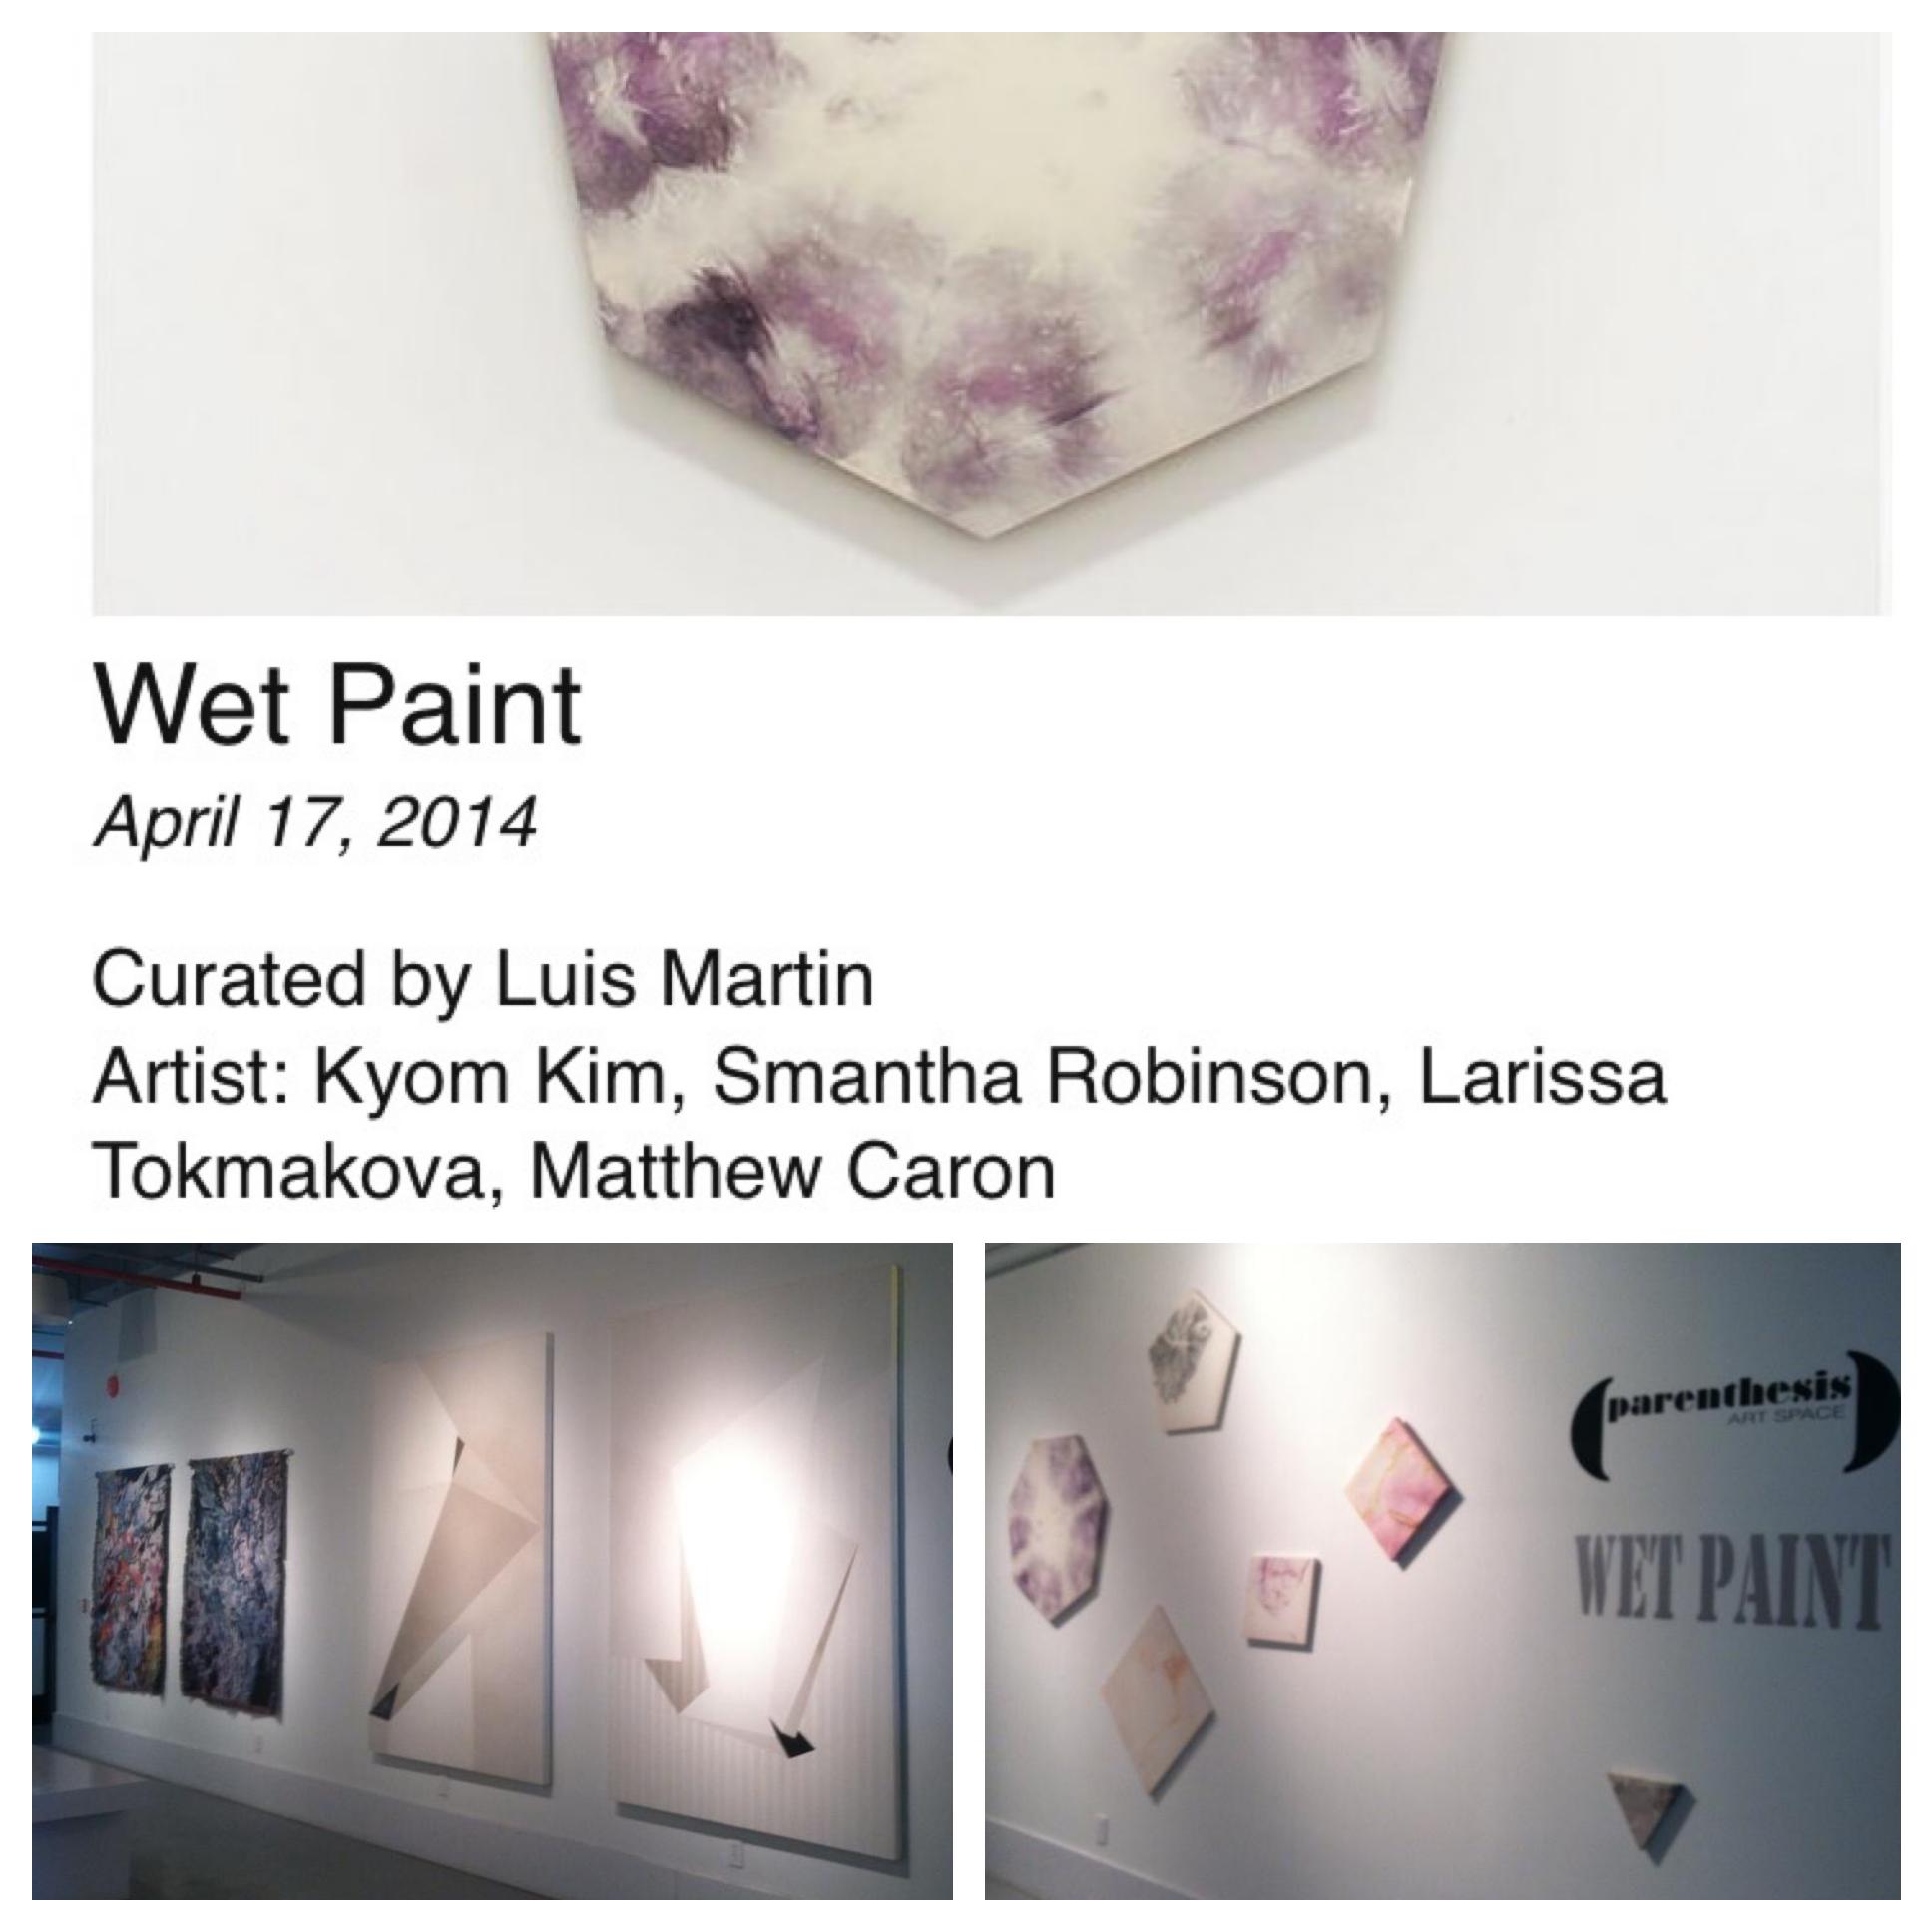 Wet Paint - April 17, 2014